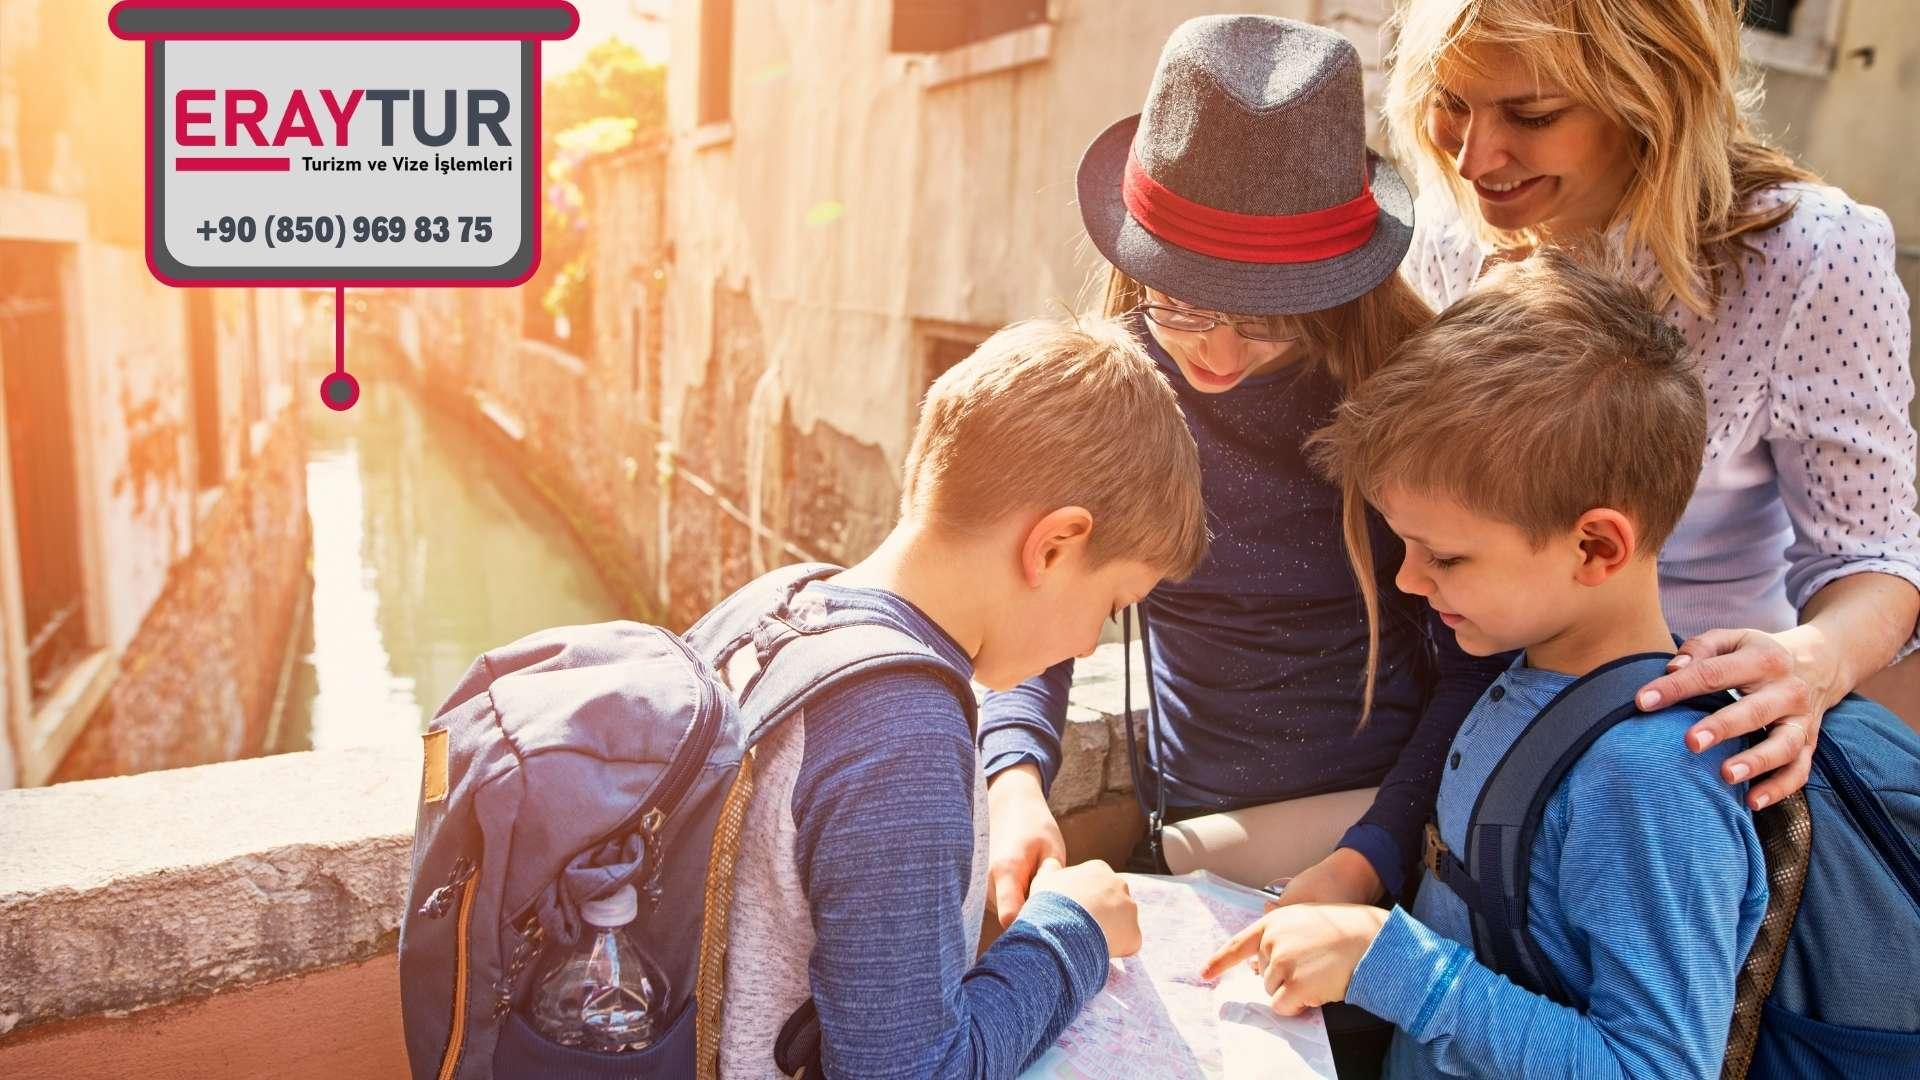 İtalya Aile Ziyareti Vize İçin Gerekli Evraklar